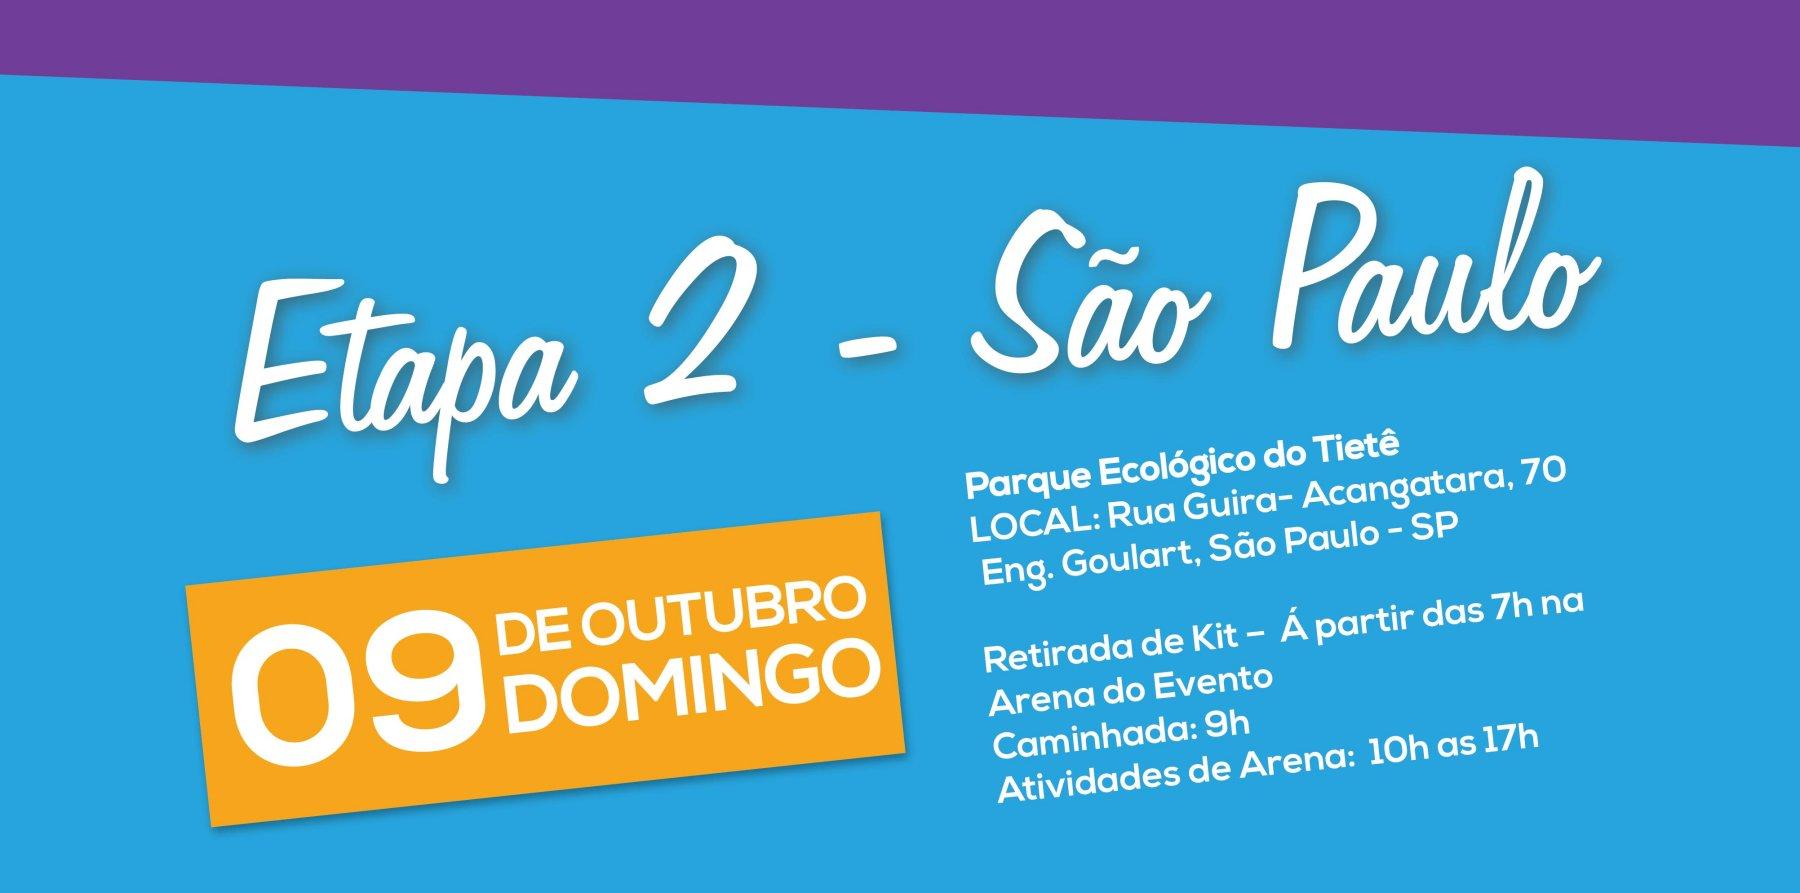 Etapa-3-São-Paulo